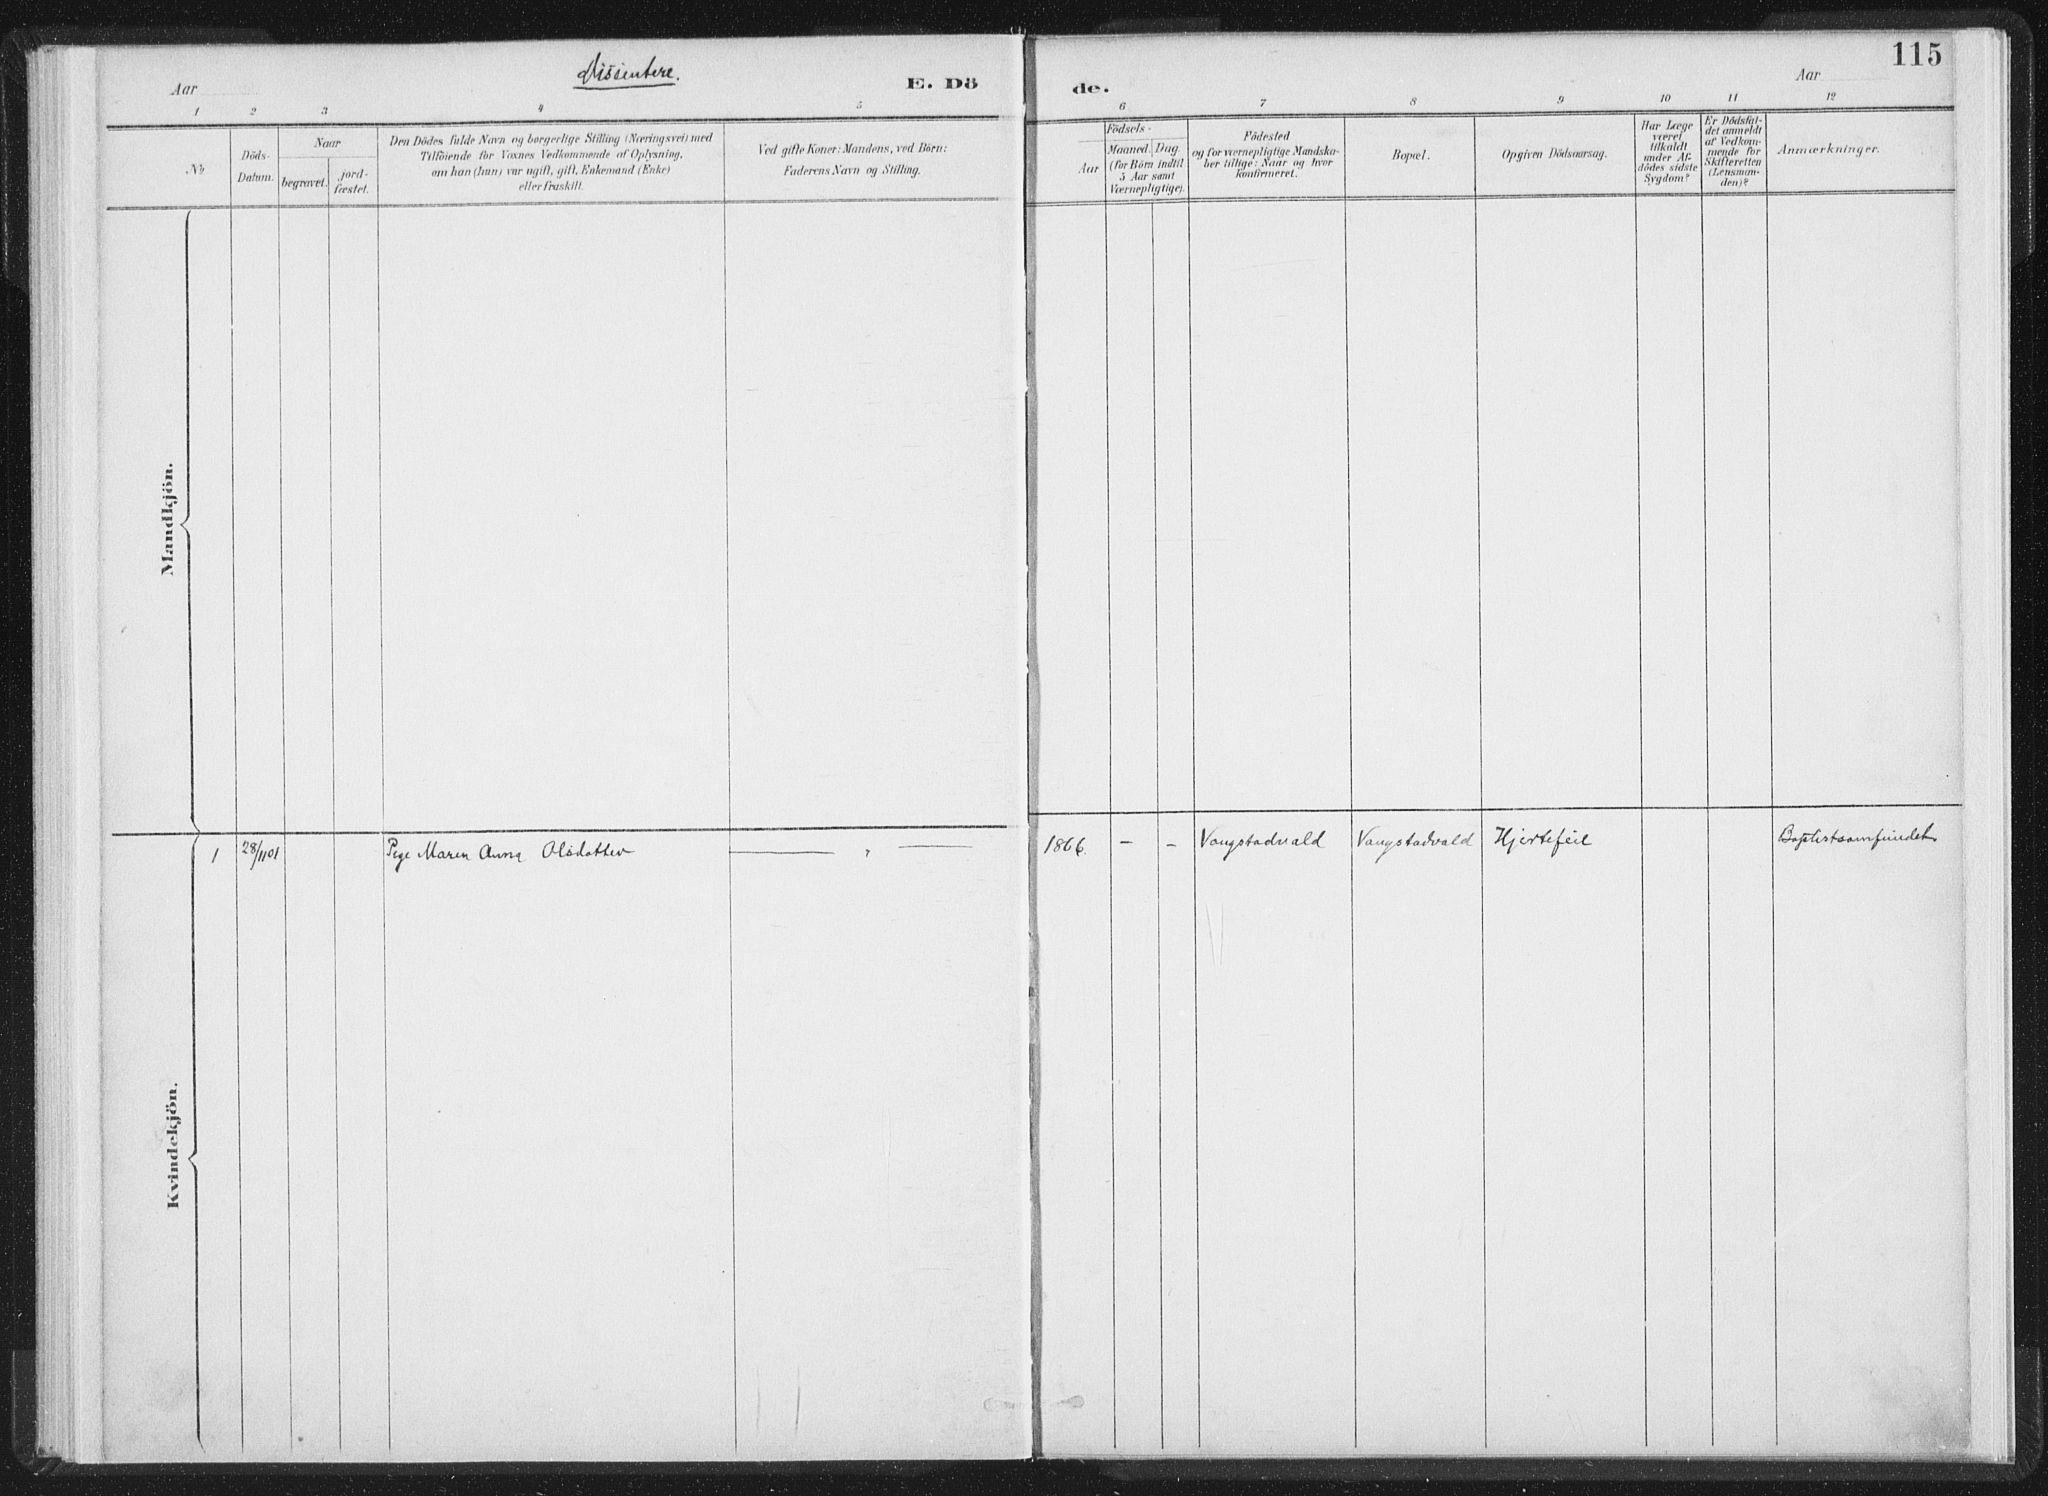 SAT, Ministerialprotokoller, klokkerbøker og fødselsregistre - Nord-Trøndelag, 724/L0263: Ministerialbok nr. 724A01, 1891-1907, s. 115